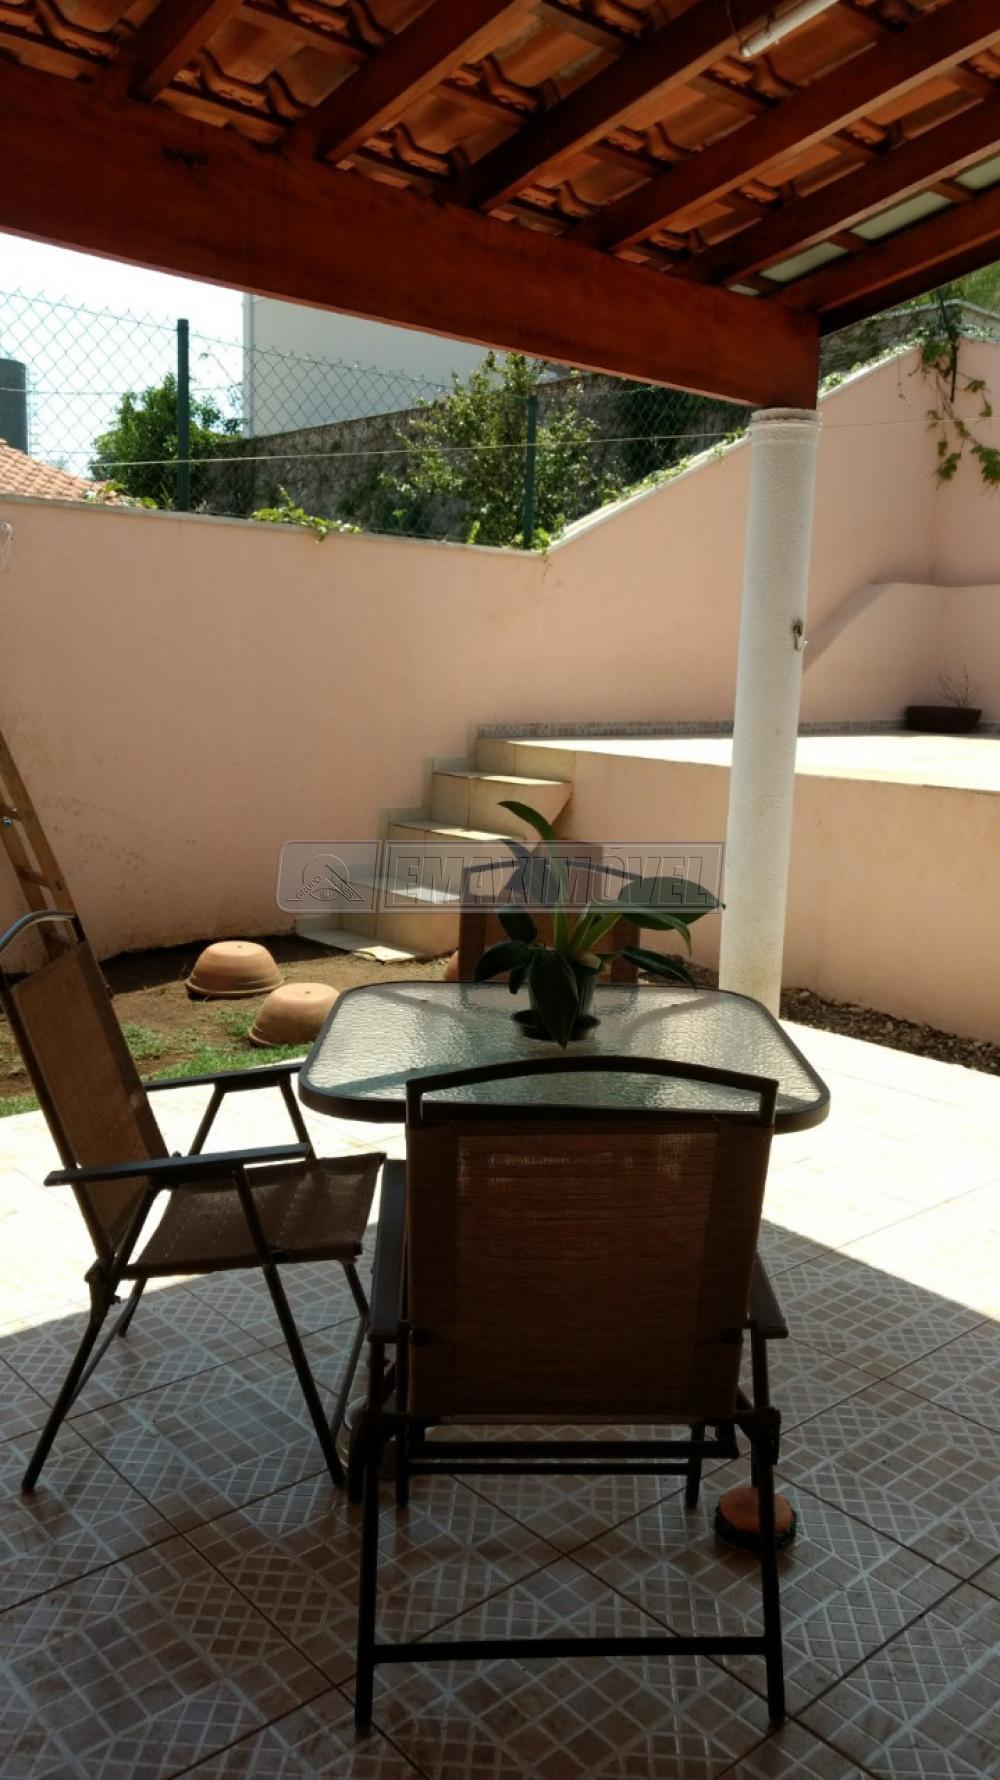 Comprar Casas / em Condomínios em Votorantim apenas R$ 330.000,00 - Foto 16